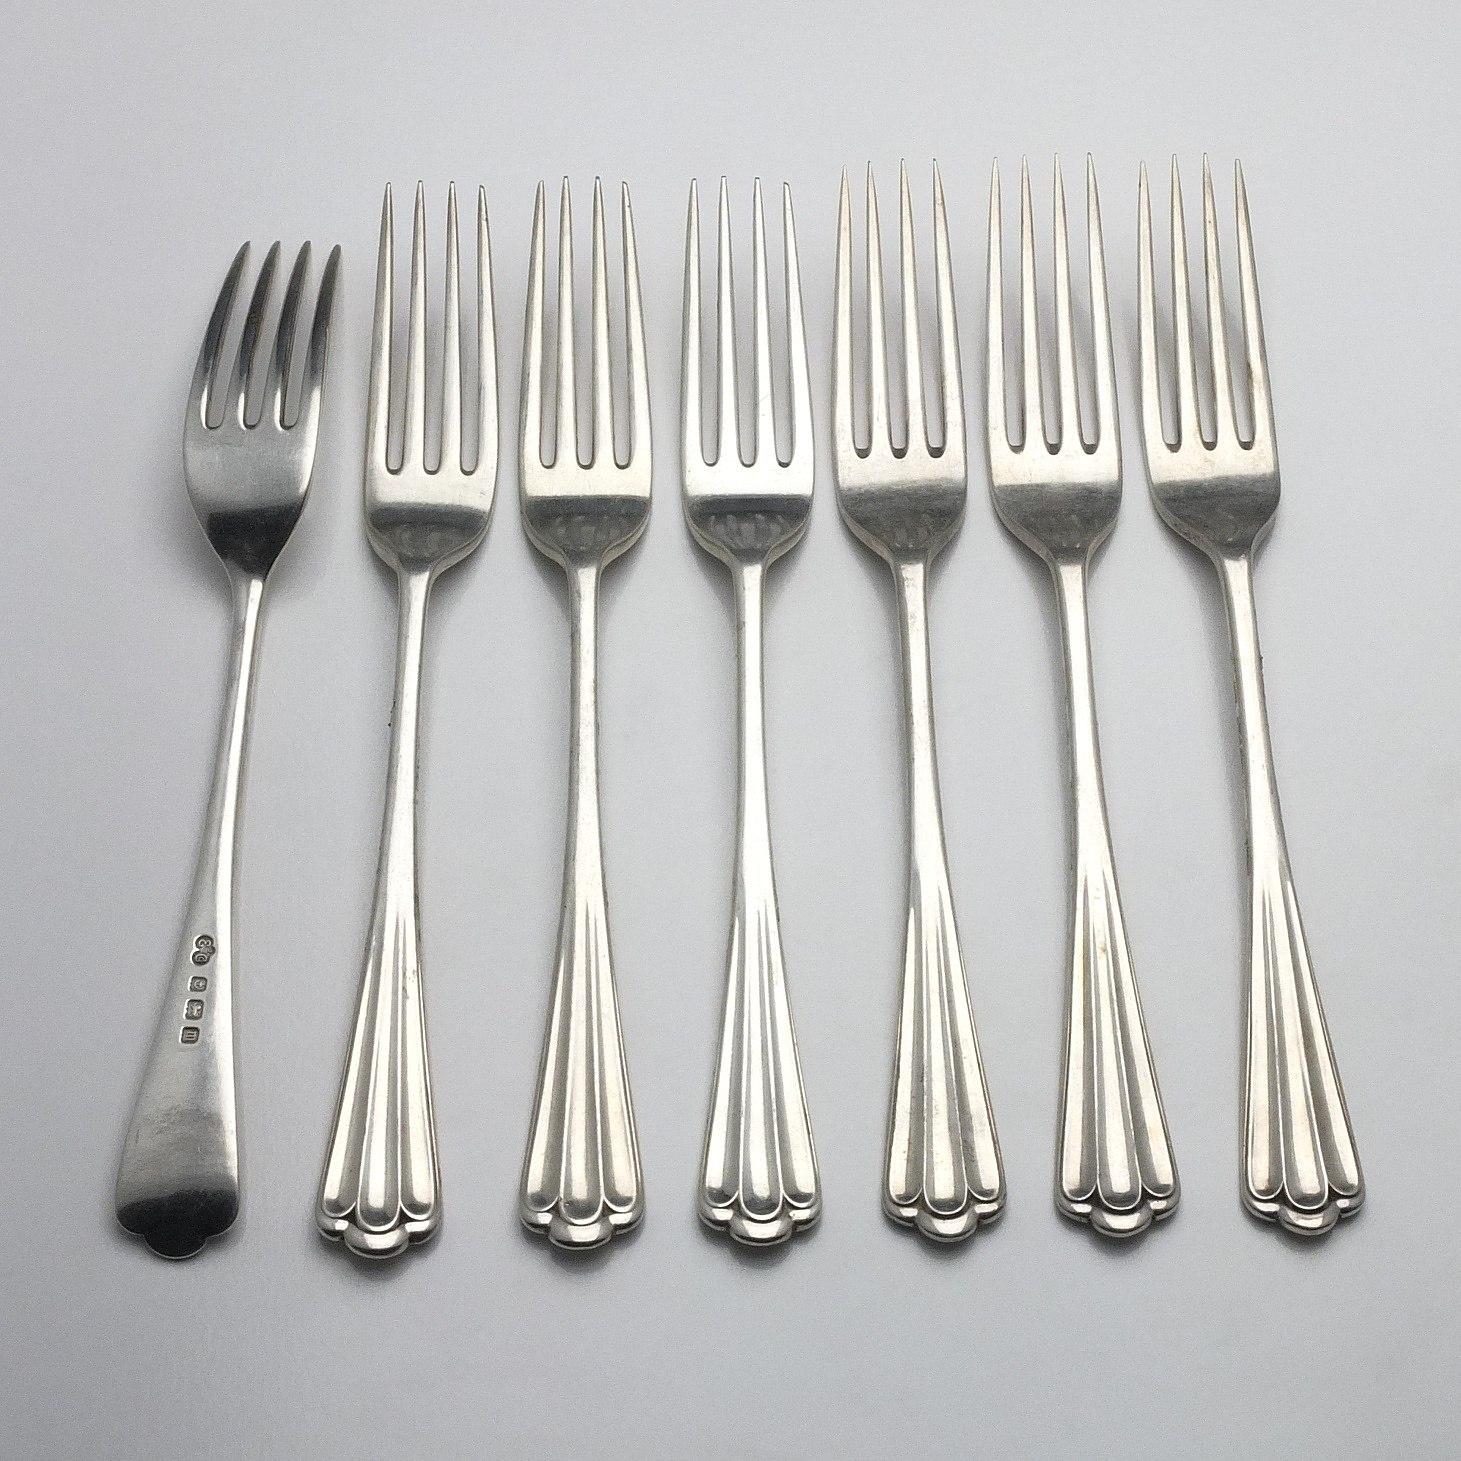 'Seven Sterling Silver Mains Forks Elkington & Co Ltd Birmingham 1911 and 1928'